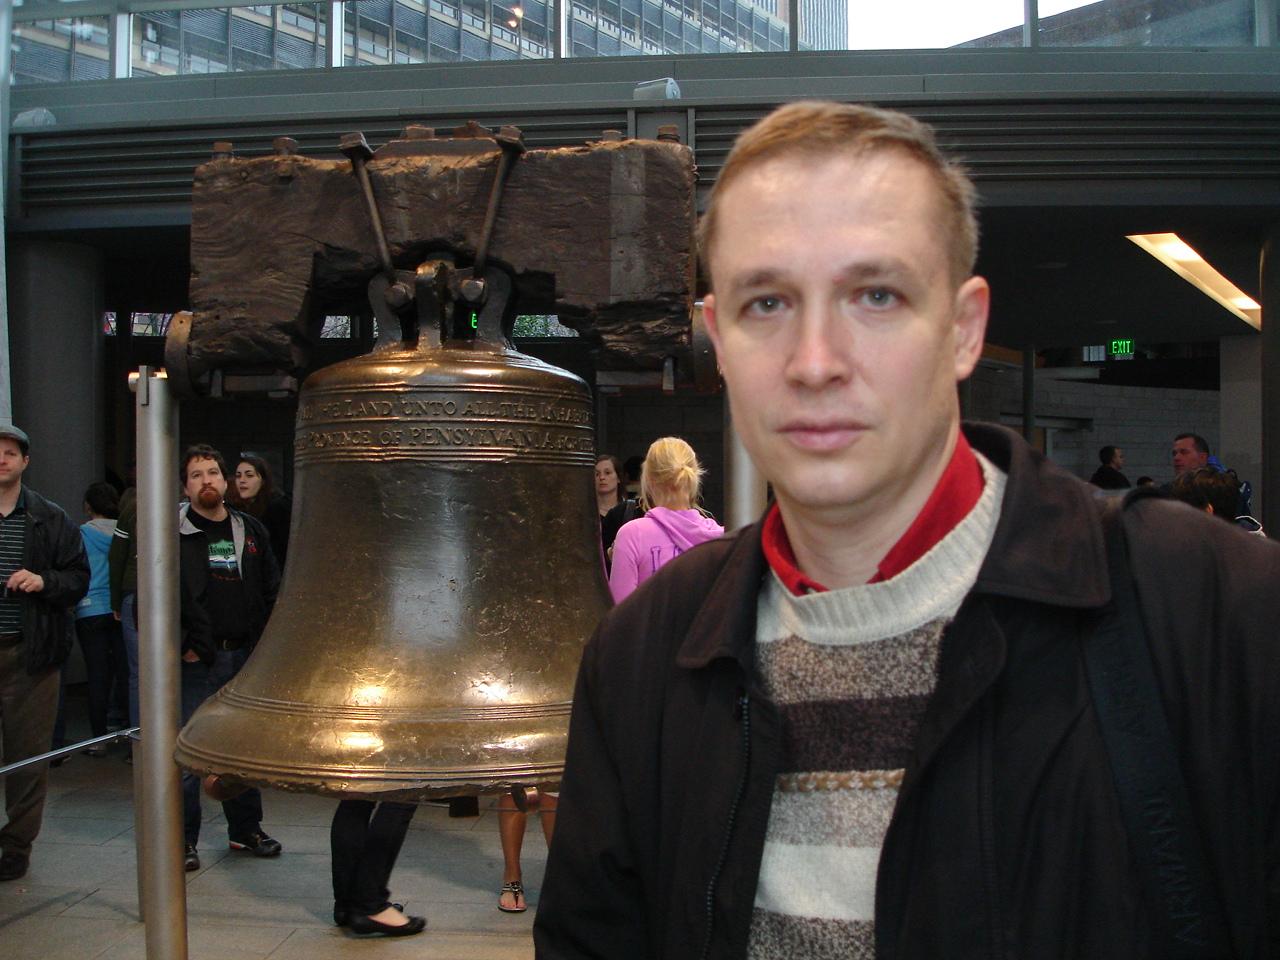 На фоне Колокола Свободы (Liberty Bell) - символа независимости США.